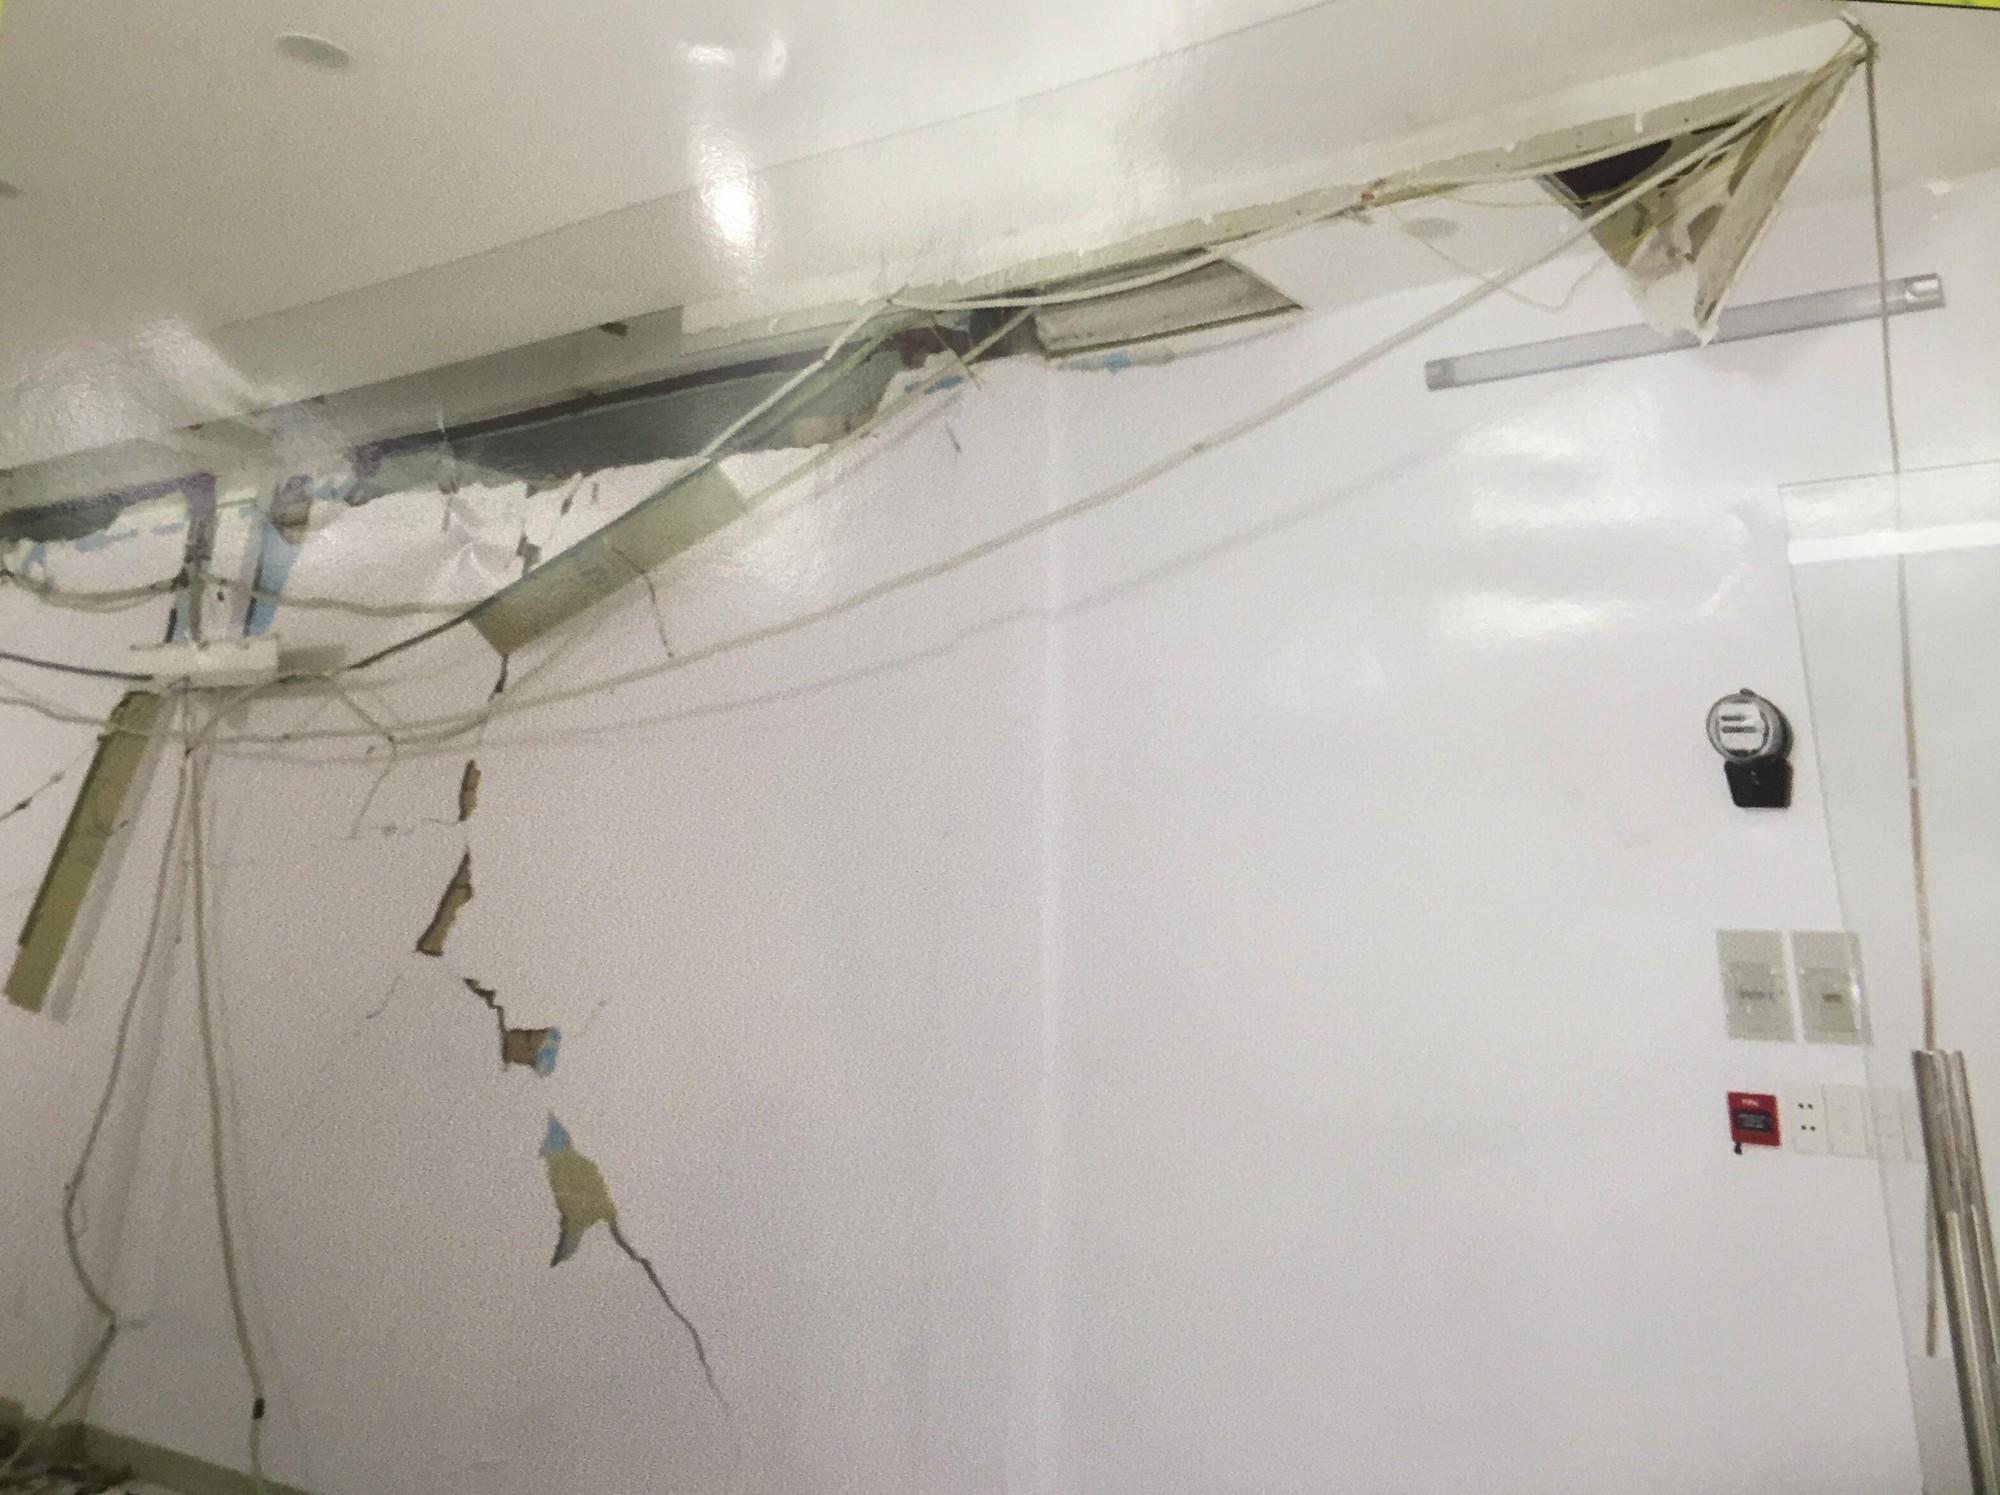 [ẢNH] 10kg thuốc nổ trong nhà của kẻ ném bom vào trụ sở công an phường - Ảnh 5.